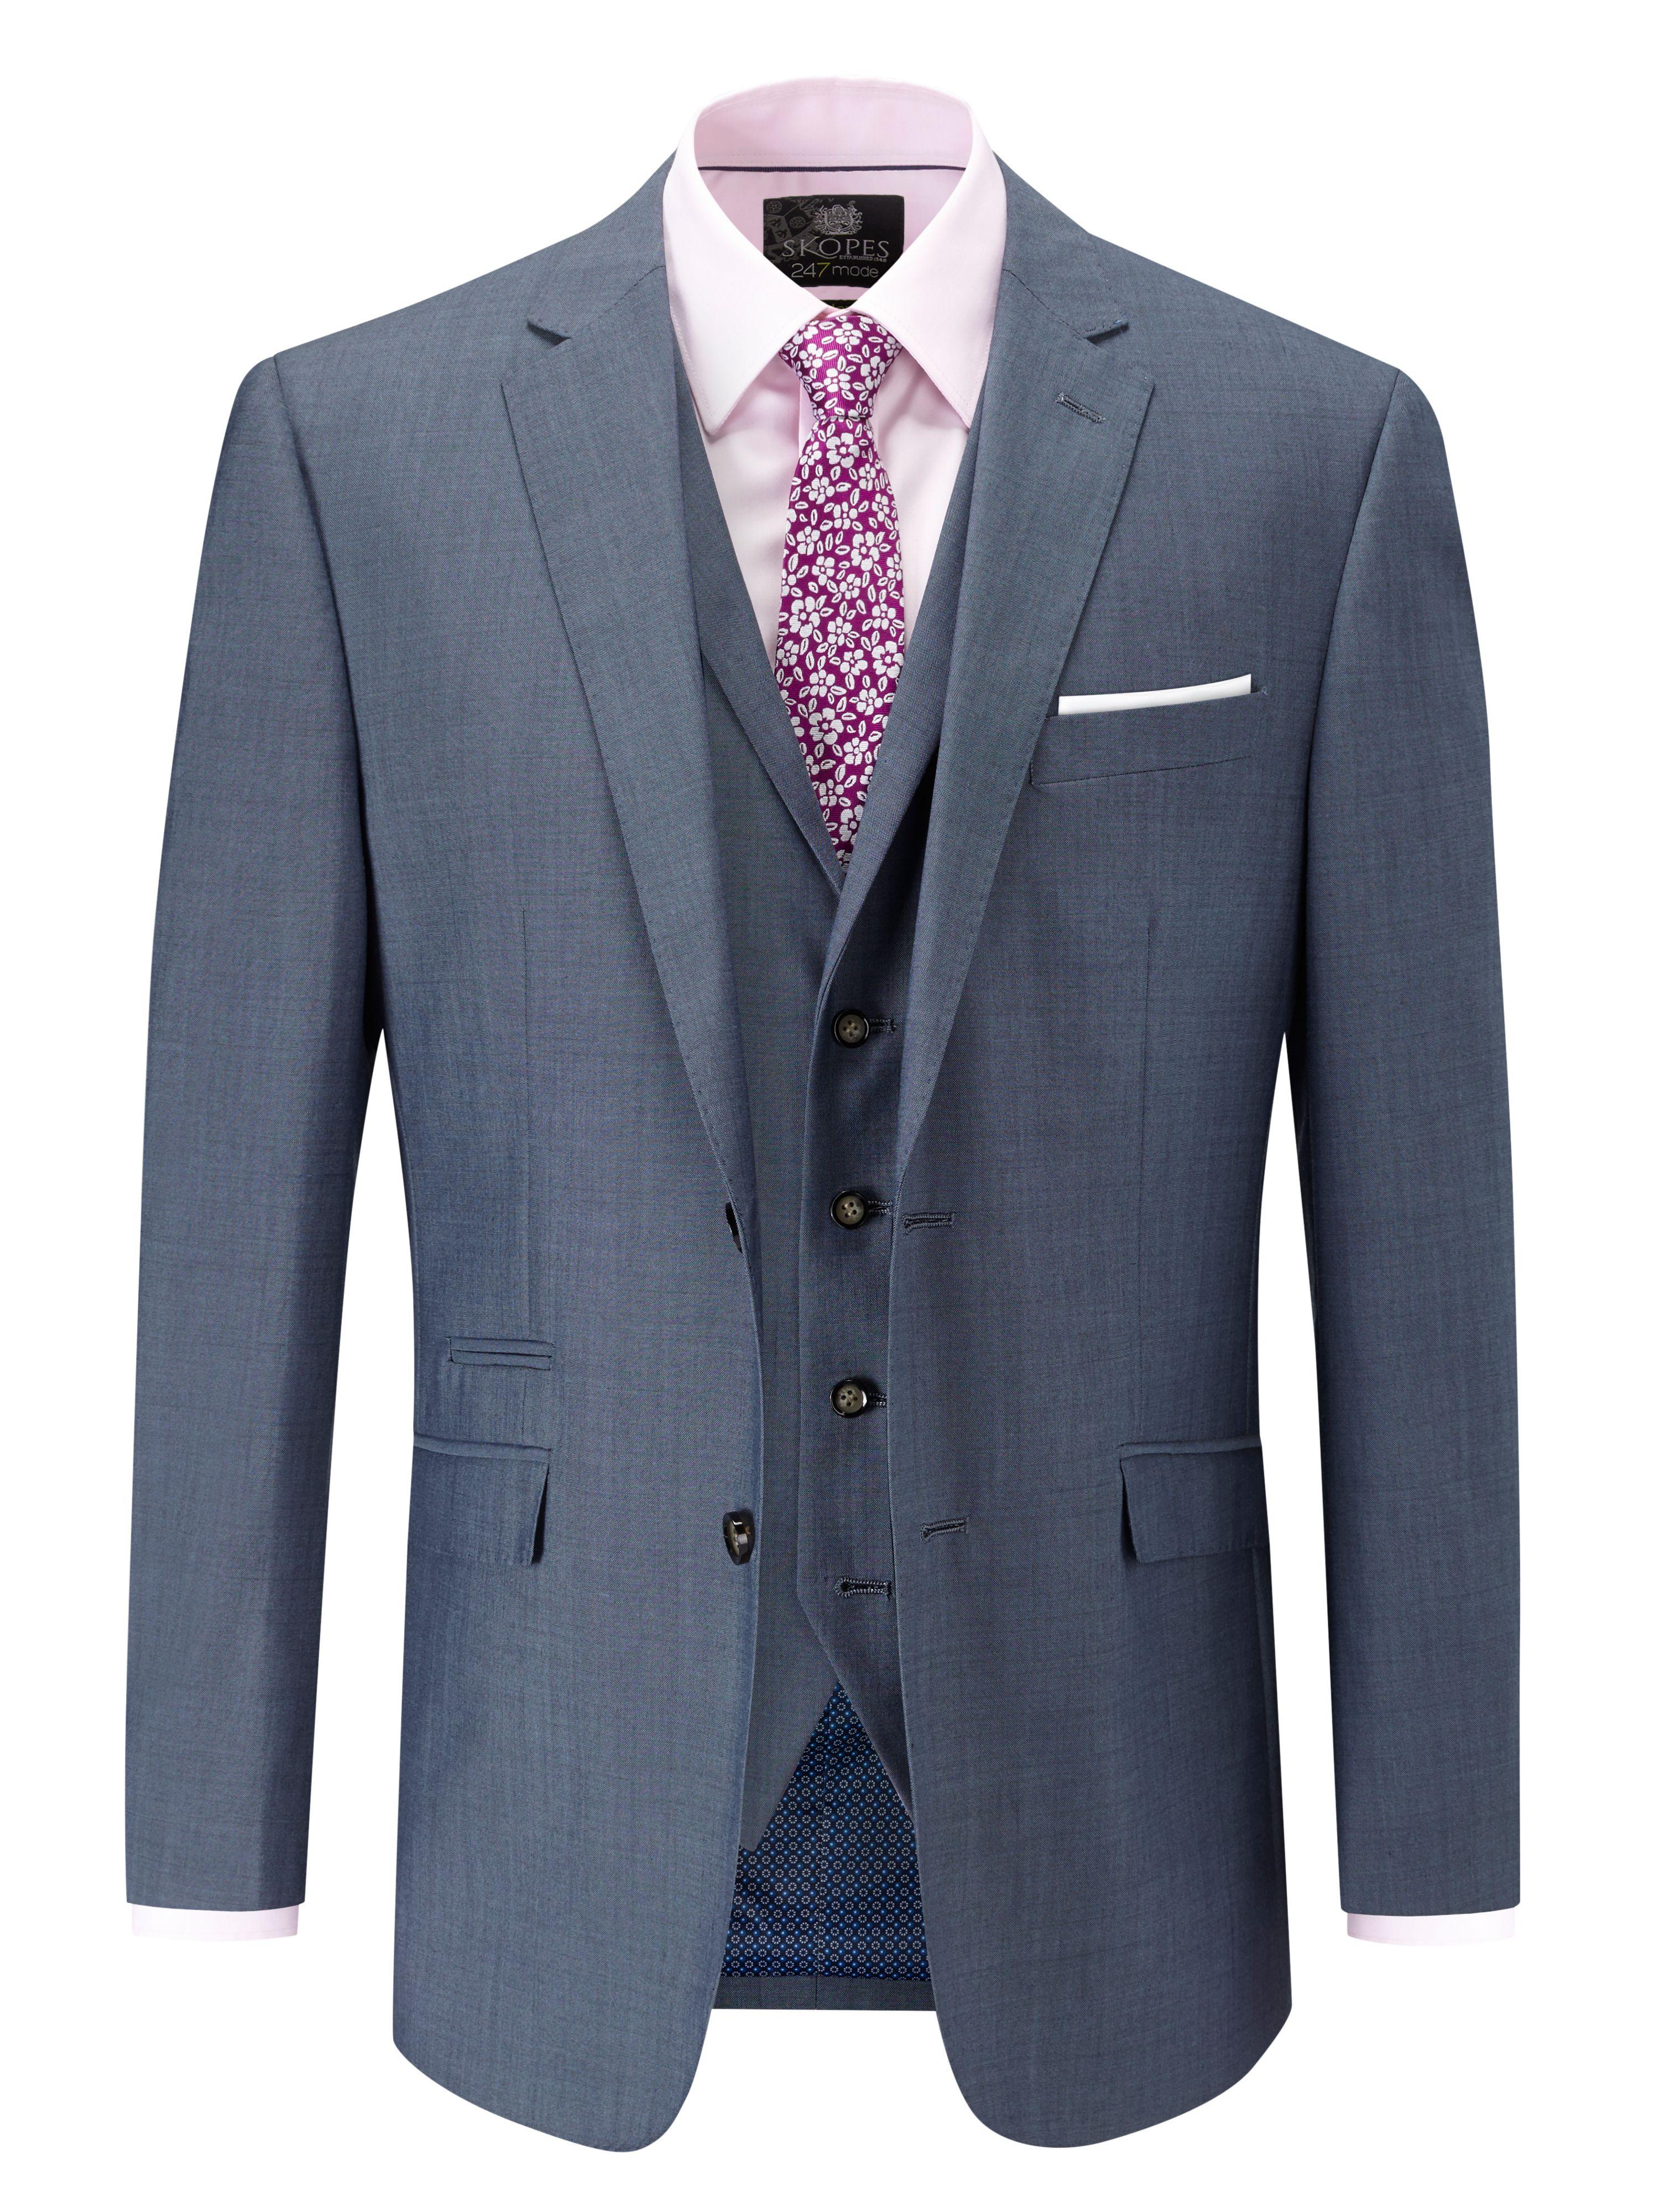 Skopes Egan 3-Piece Suit Wool-blend £89 @HoF PLUS 10% Student Discount PLUS 10% Quidco